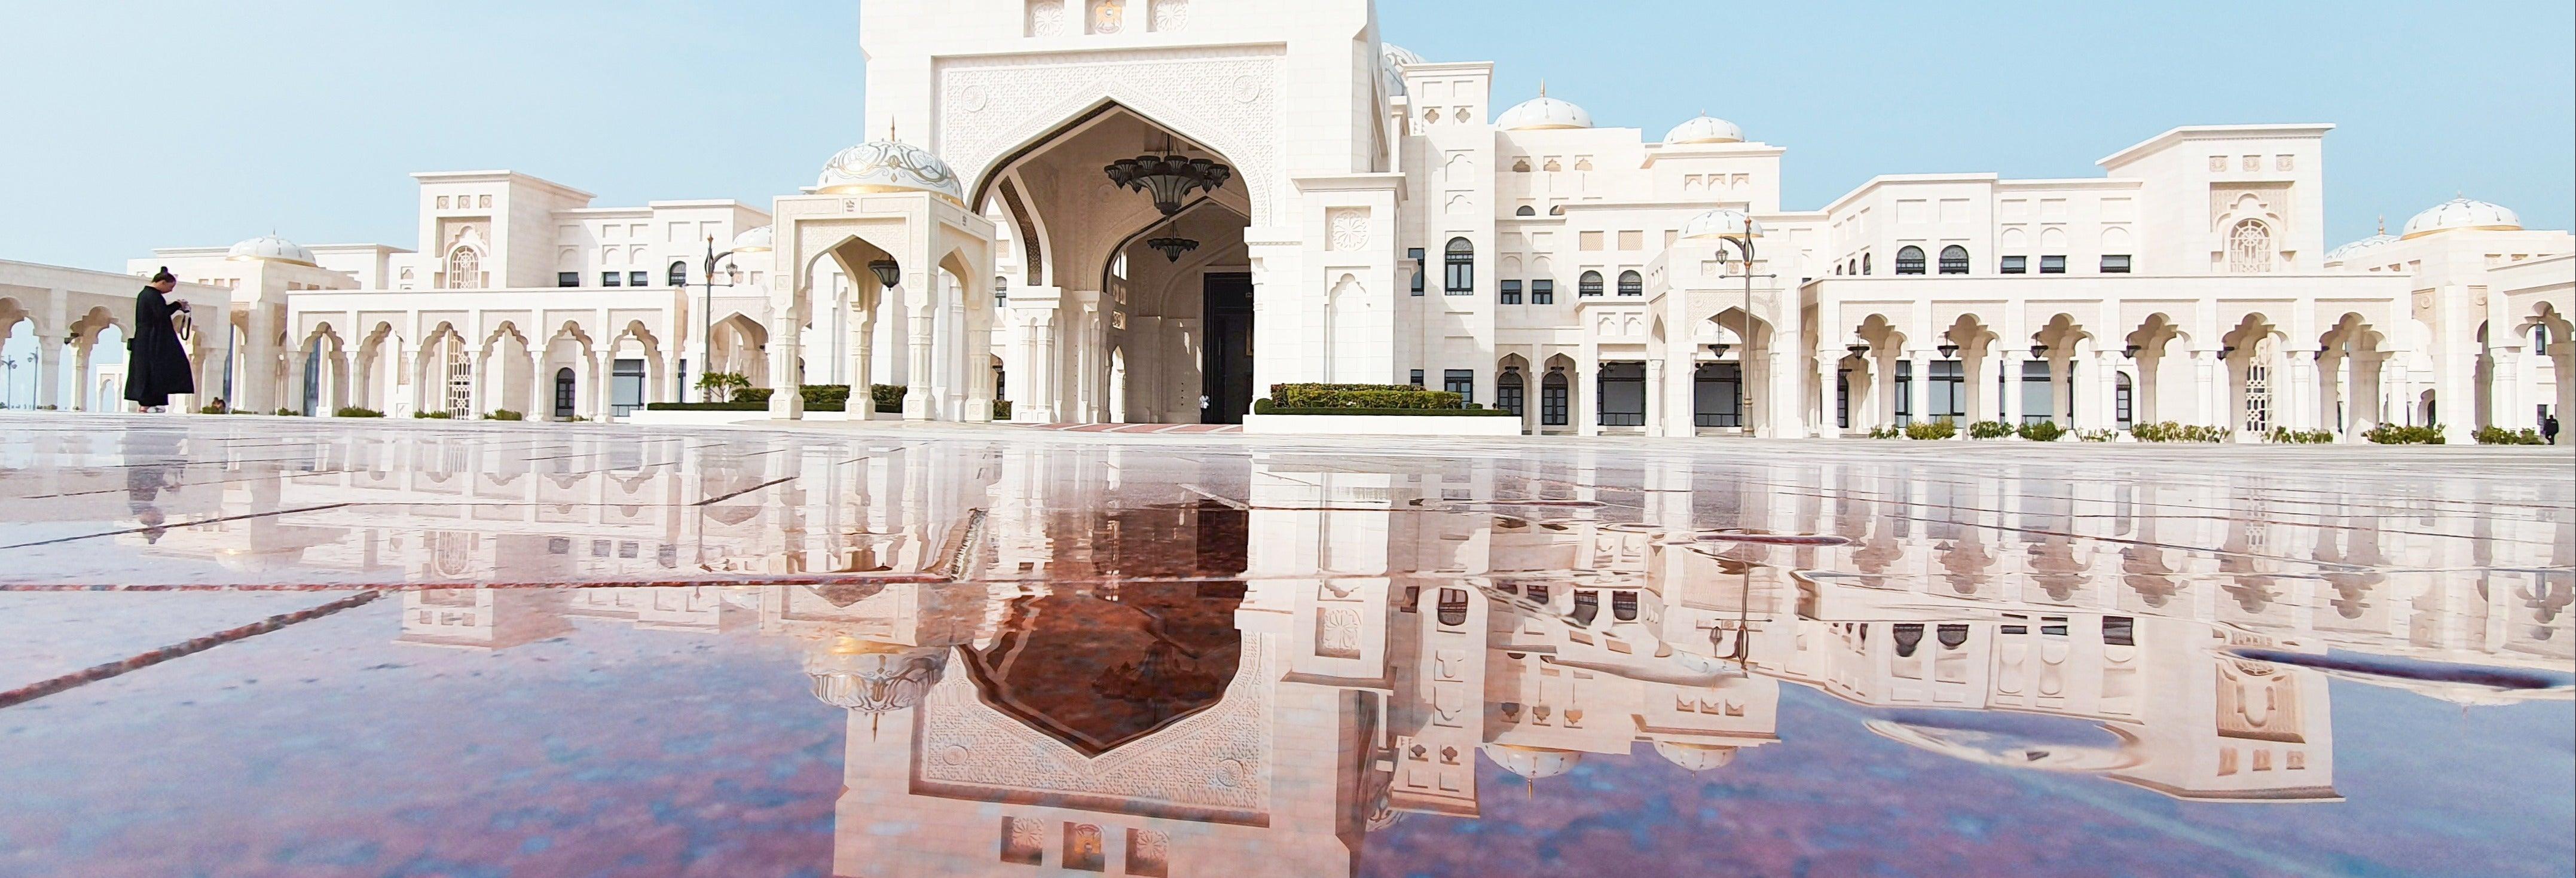 Entrada al palacio Qasr Al Watan